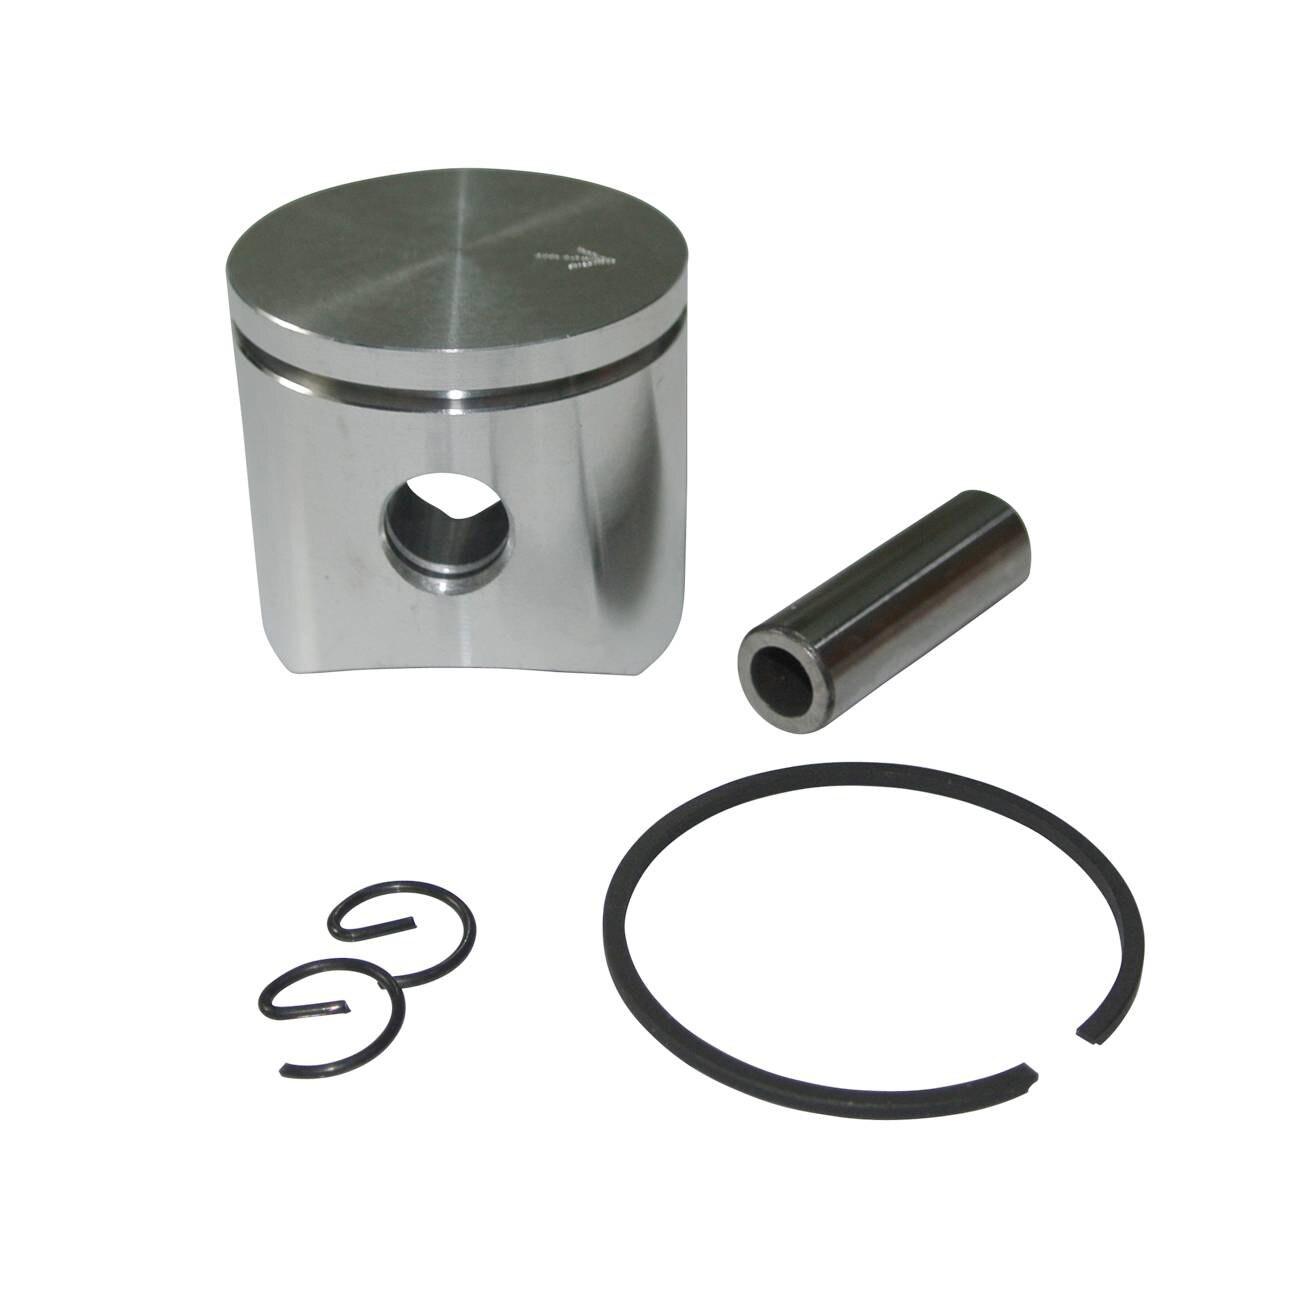 KIT de anillo de perno de pistón de 38mm compatible con motosierra HUSQVARNA 136 137